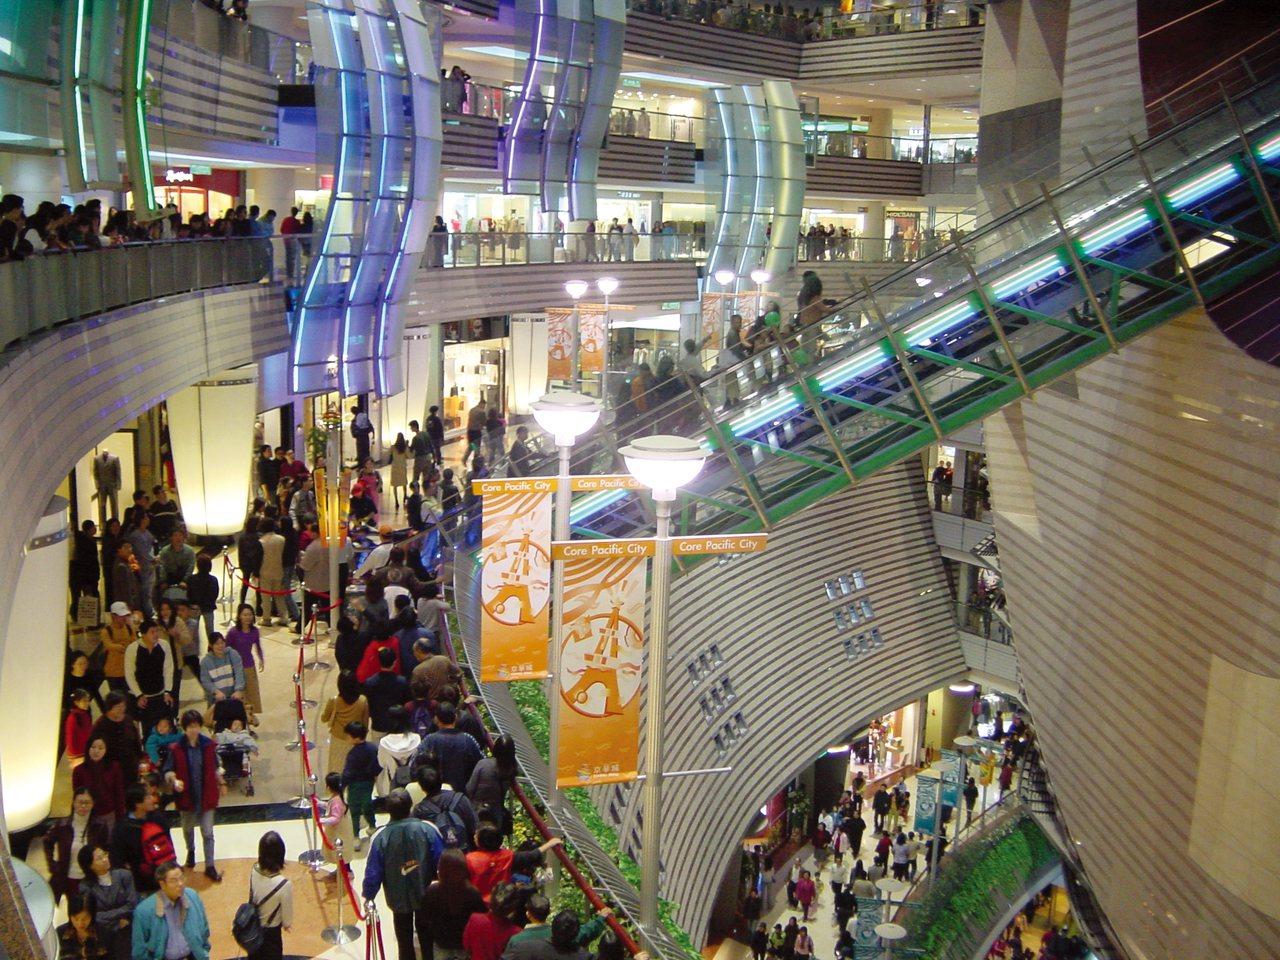 京華城剛開幕的前2個月,館內滿滿的到處都是人潮,更因為裡面的顧客流連往返,常常使...